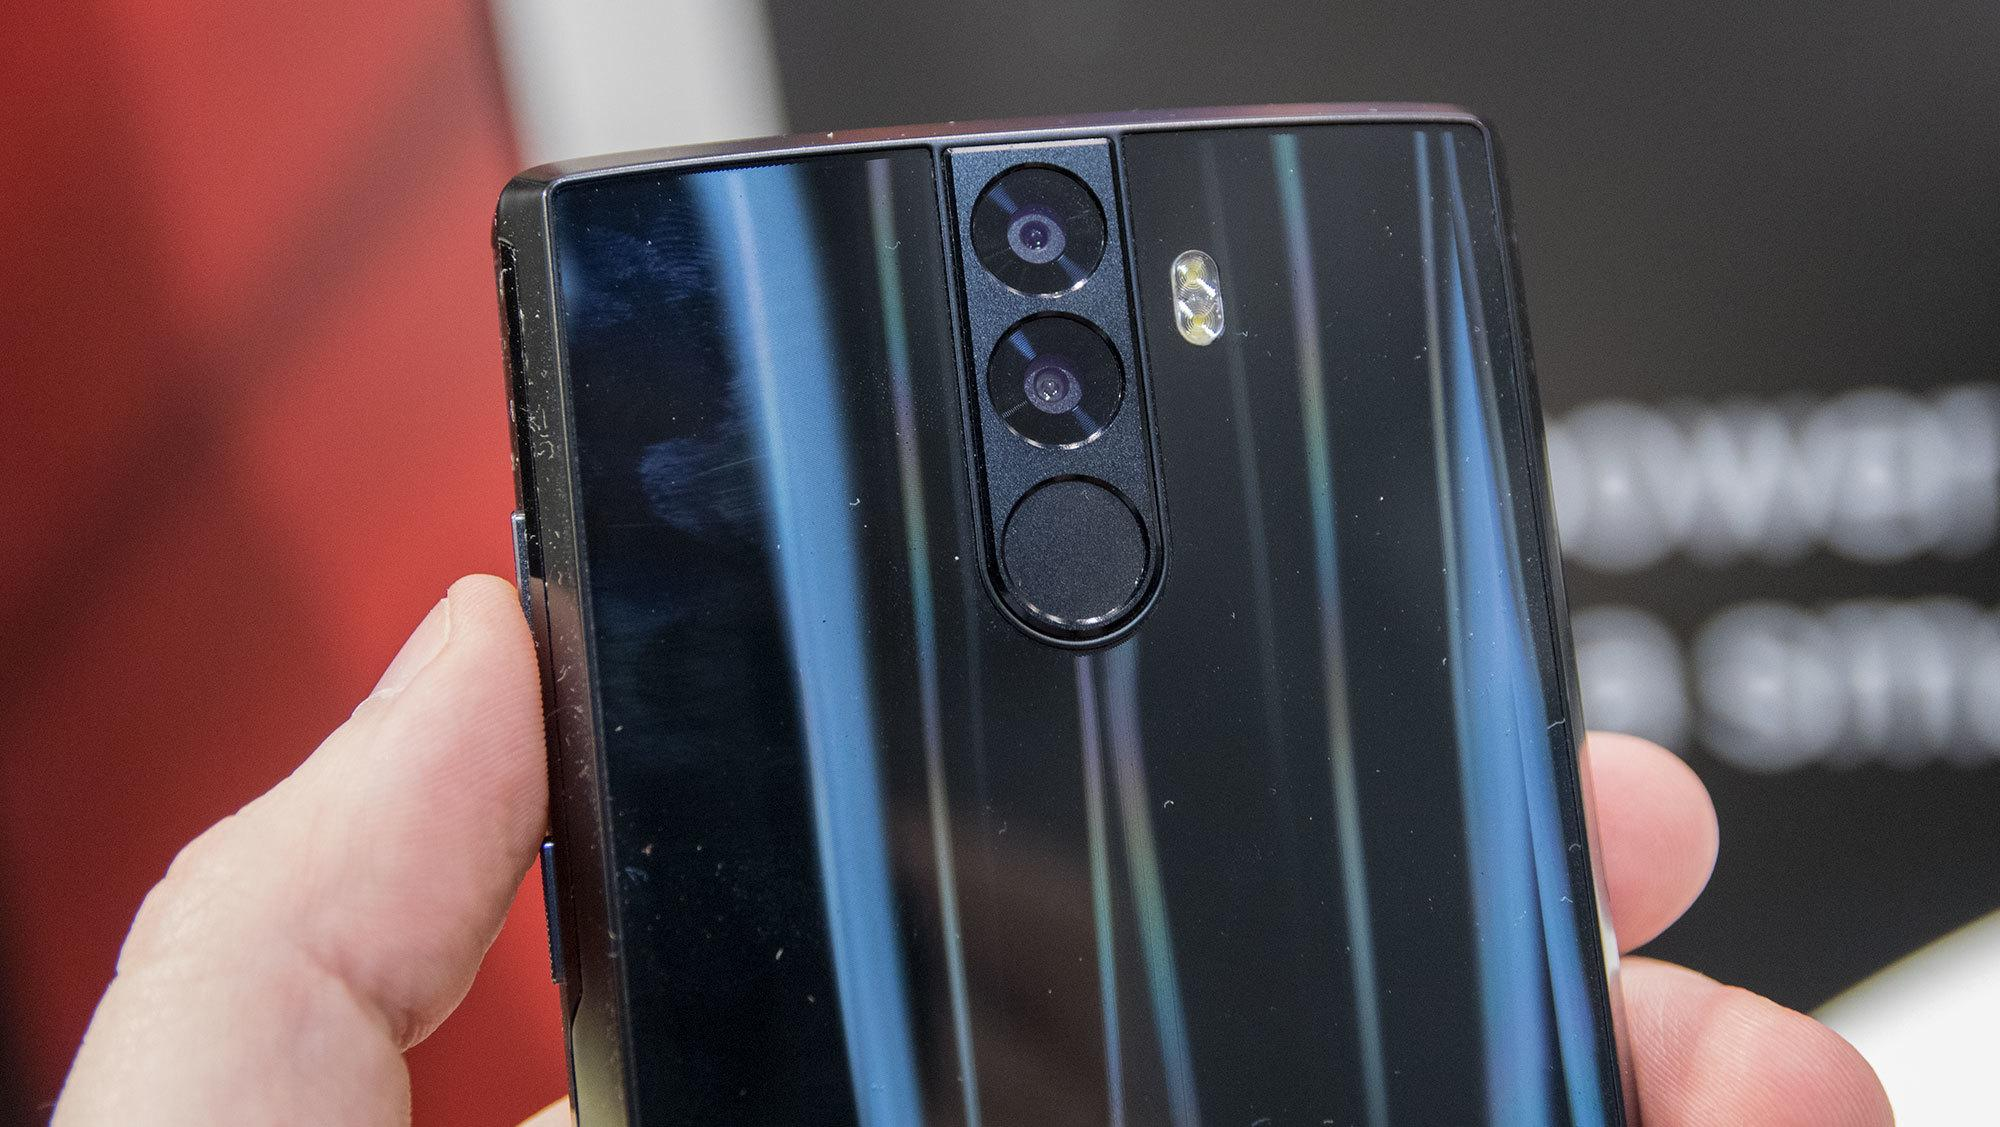 Både foran og bak er mobilen utstyrt med to kameraer. Nøyaktig hvordan det fungerer i praksis kunne vi ikke teste, da mobilen bare var en utstillingsmodell.